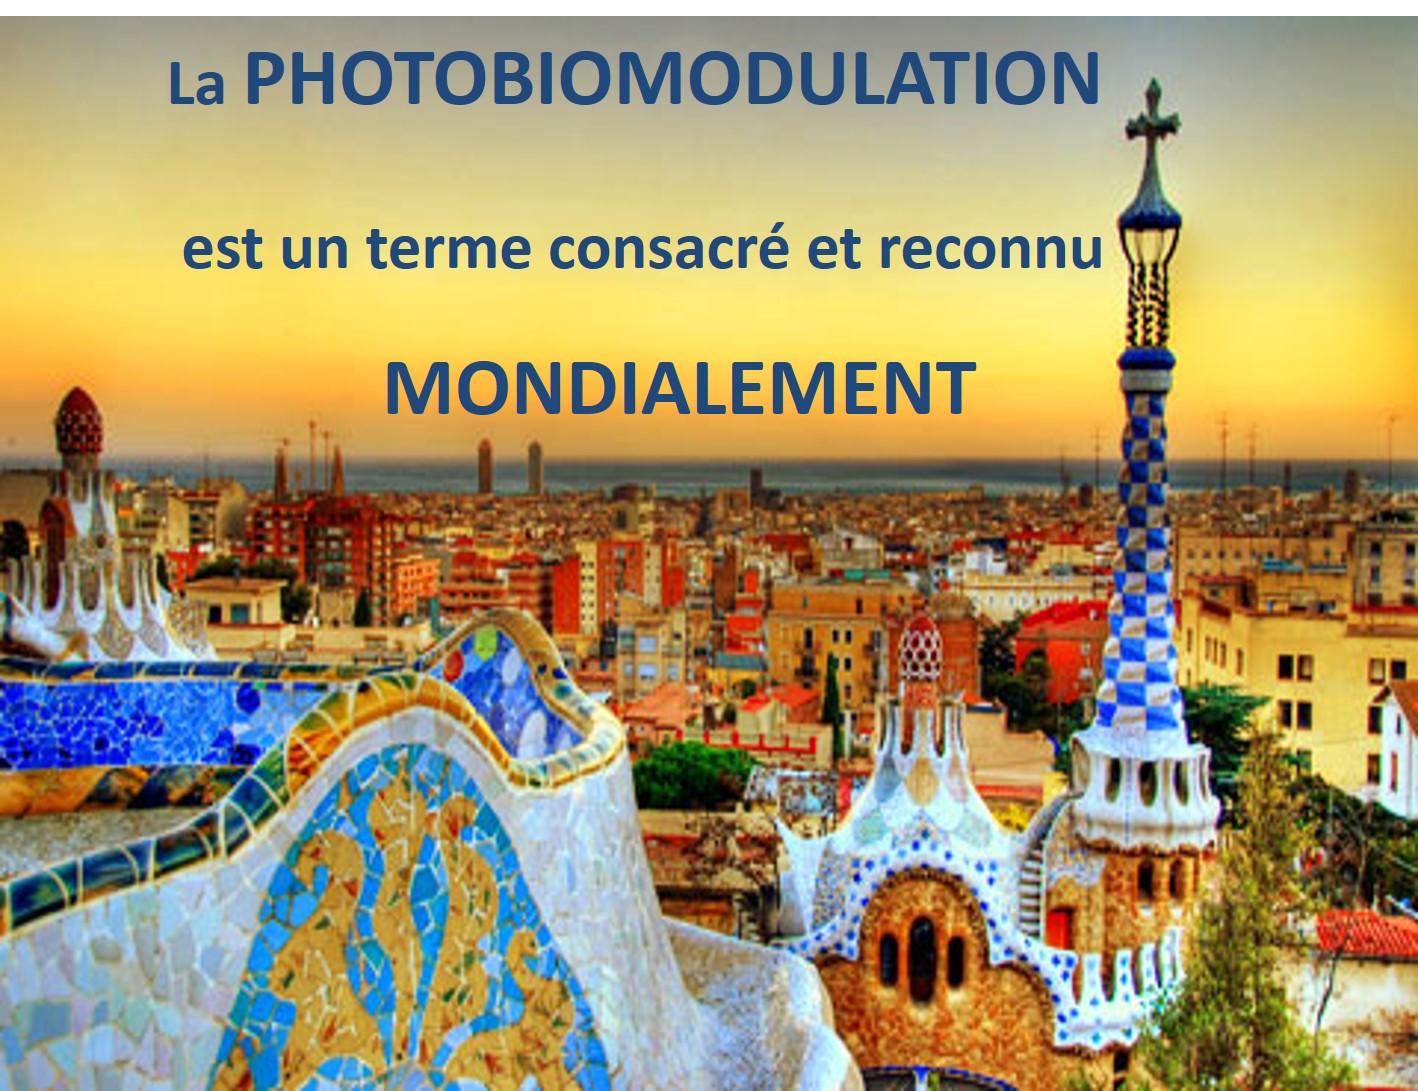 La photobiomodulation reconnue mondialement